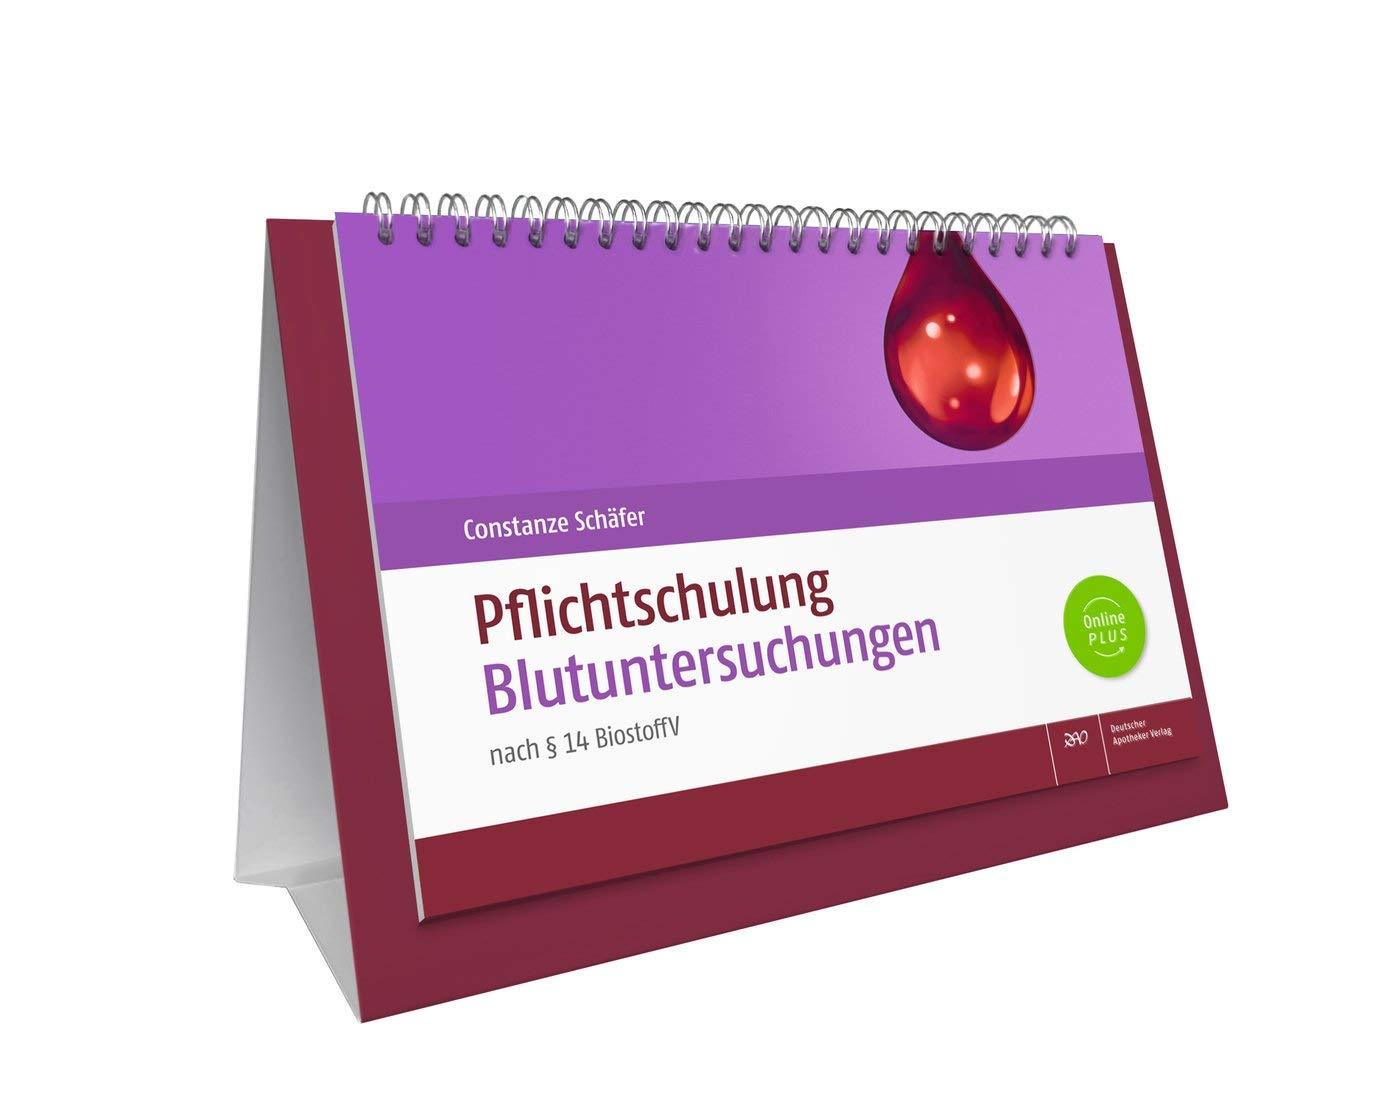 Pflichtschulung Blutuntersuchungen: nach § 14 BioStoffV Taschenbuch – 28. September 2018 Constanze Schäfer Deutscher Apotheker Verlag 3769272528 Arznei / Arzneimittellehre